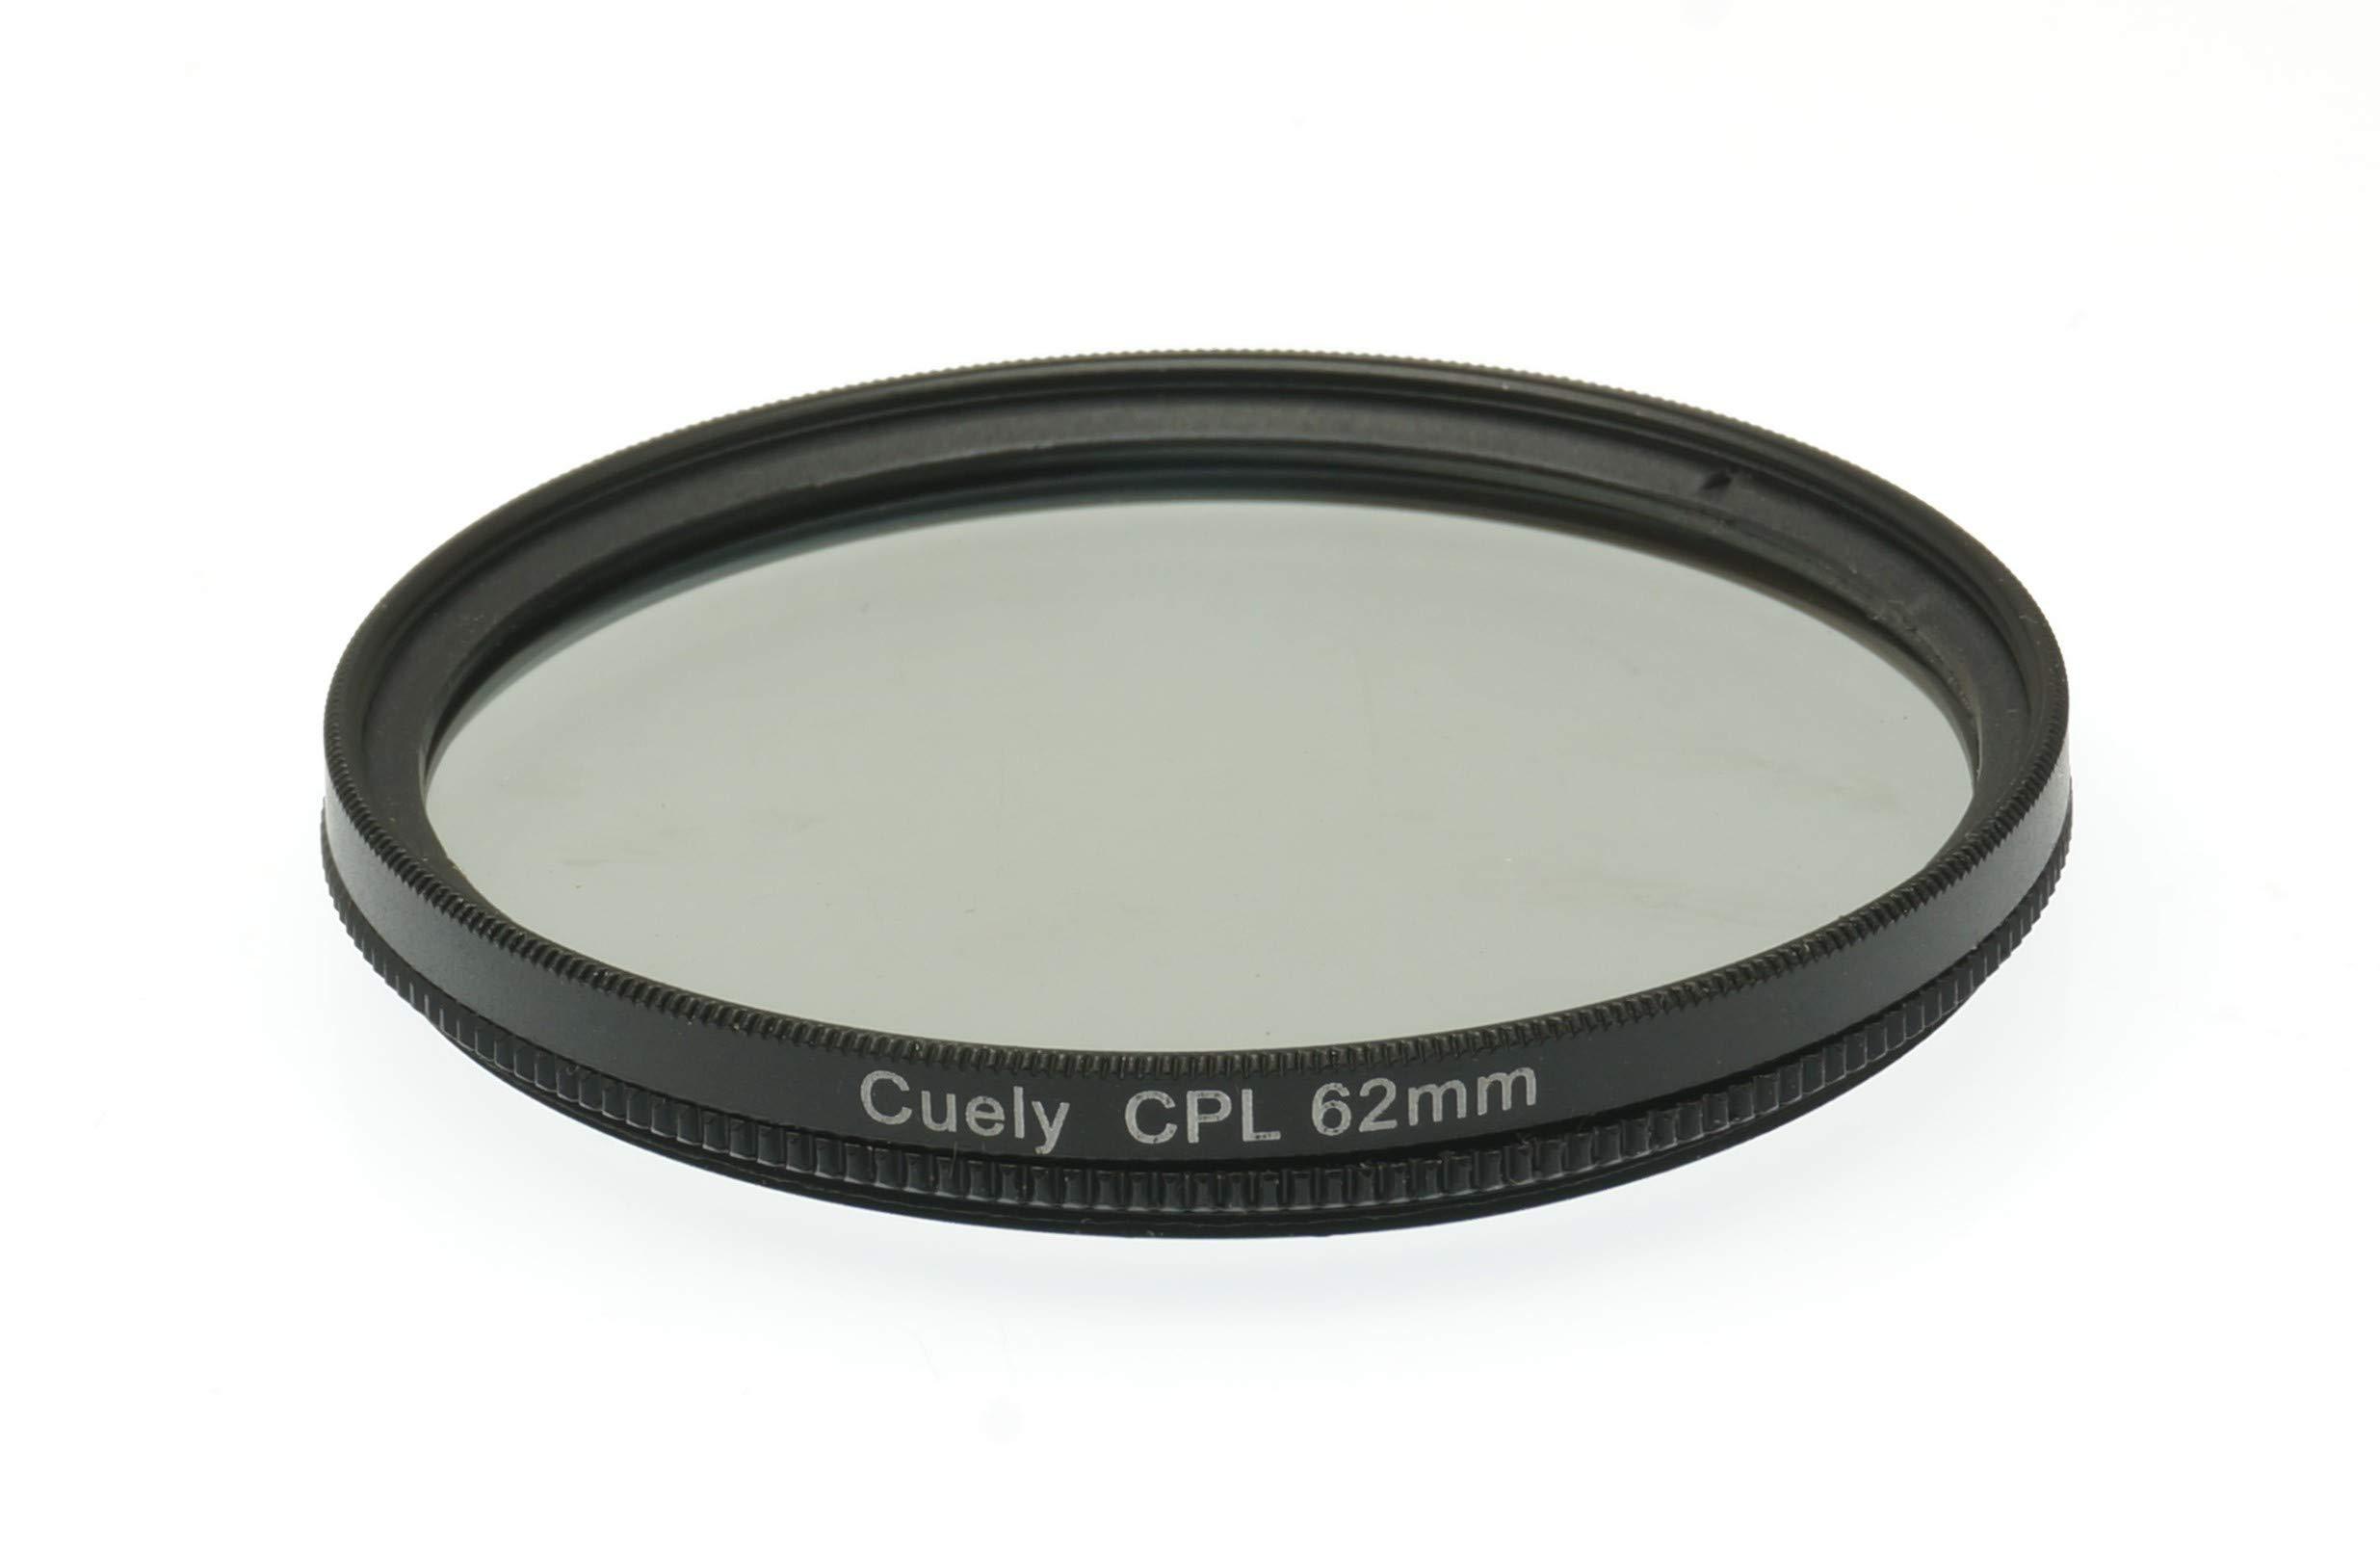 62mm Circular Polarizing Filter for Fujifilm XF 23mm F1.4 R by Fujiyama